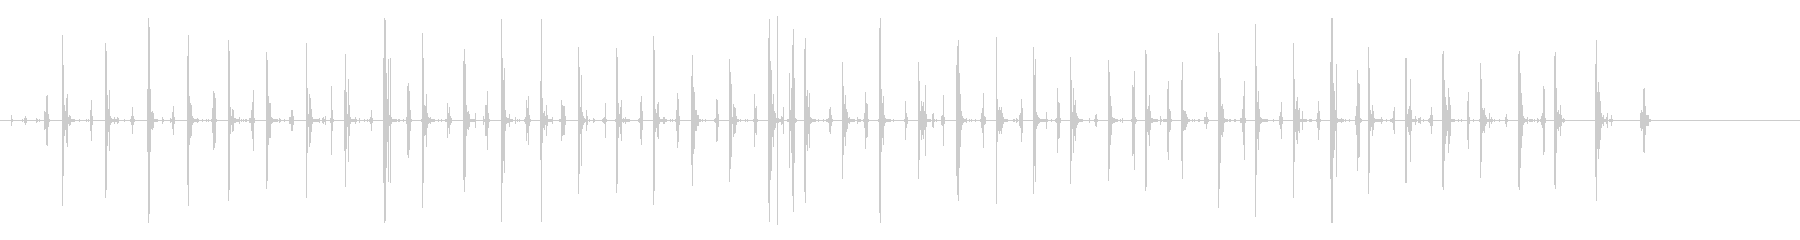 カウボーイブーツ:ジョギング、コン...の未再生の波形